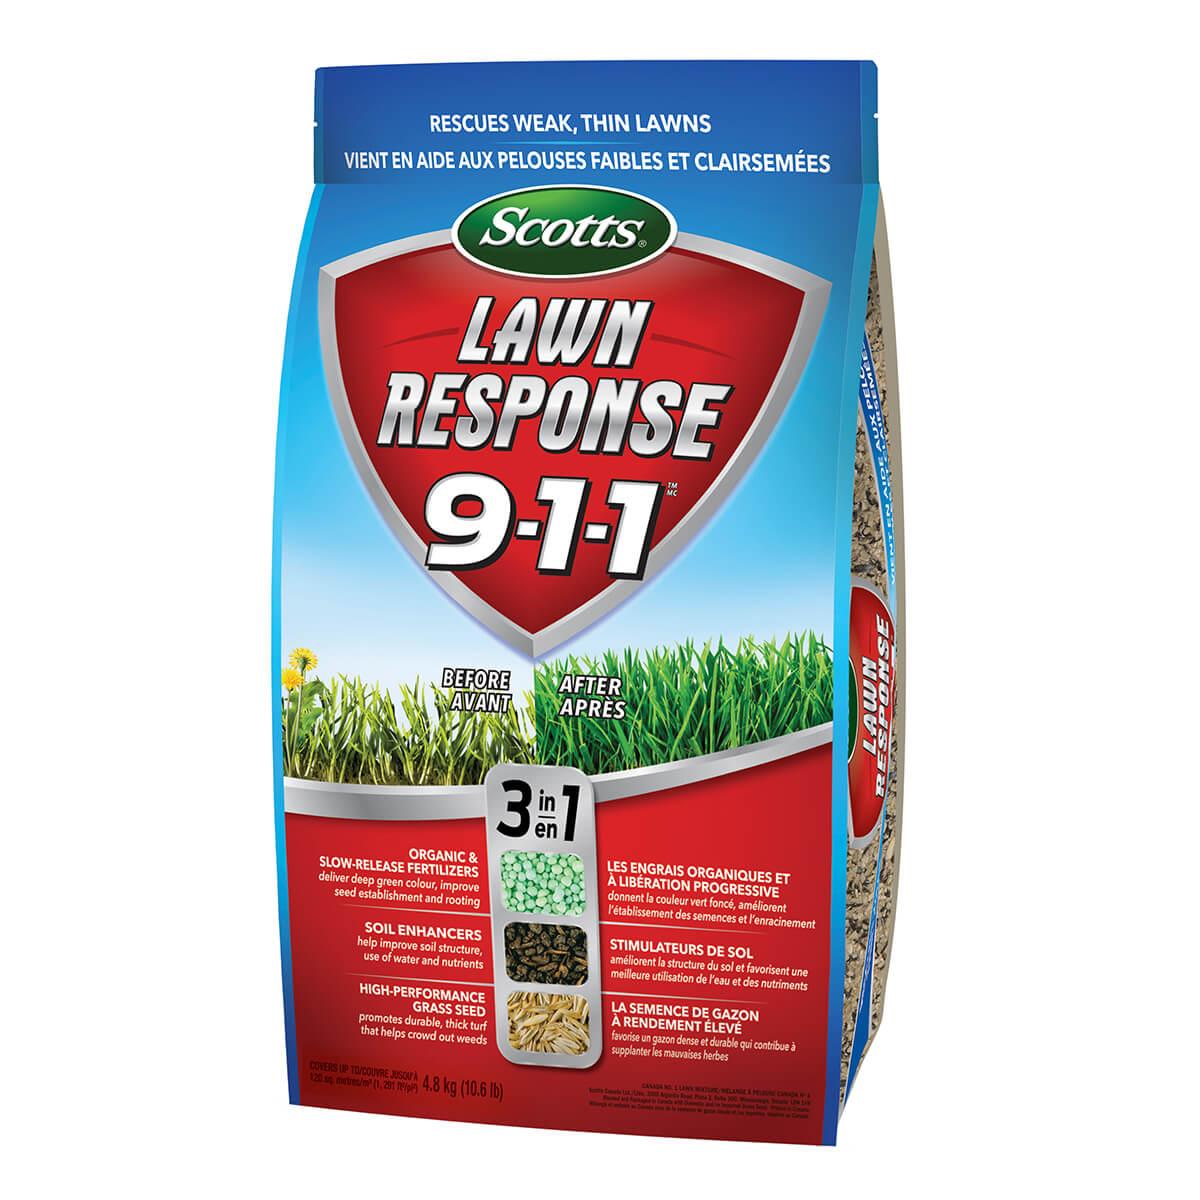 Scotts Lawn Response 911 - 4.8 kg